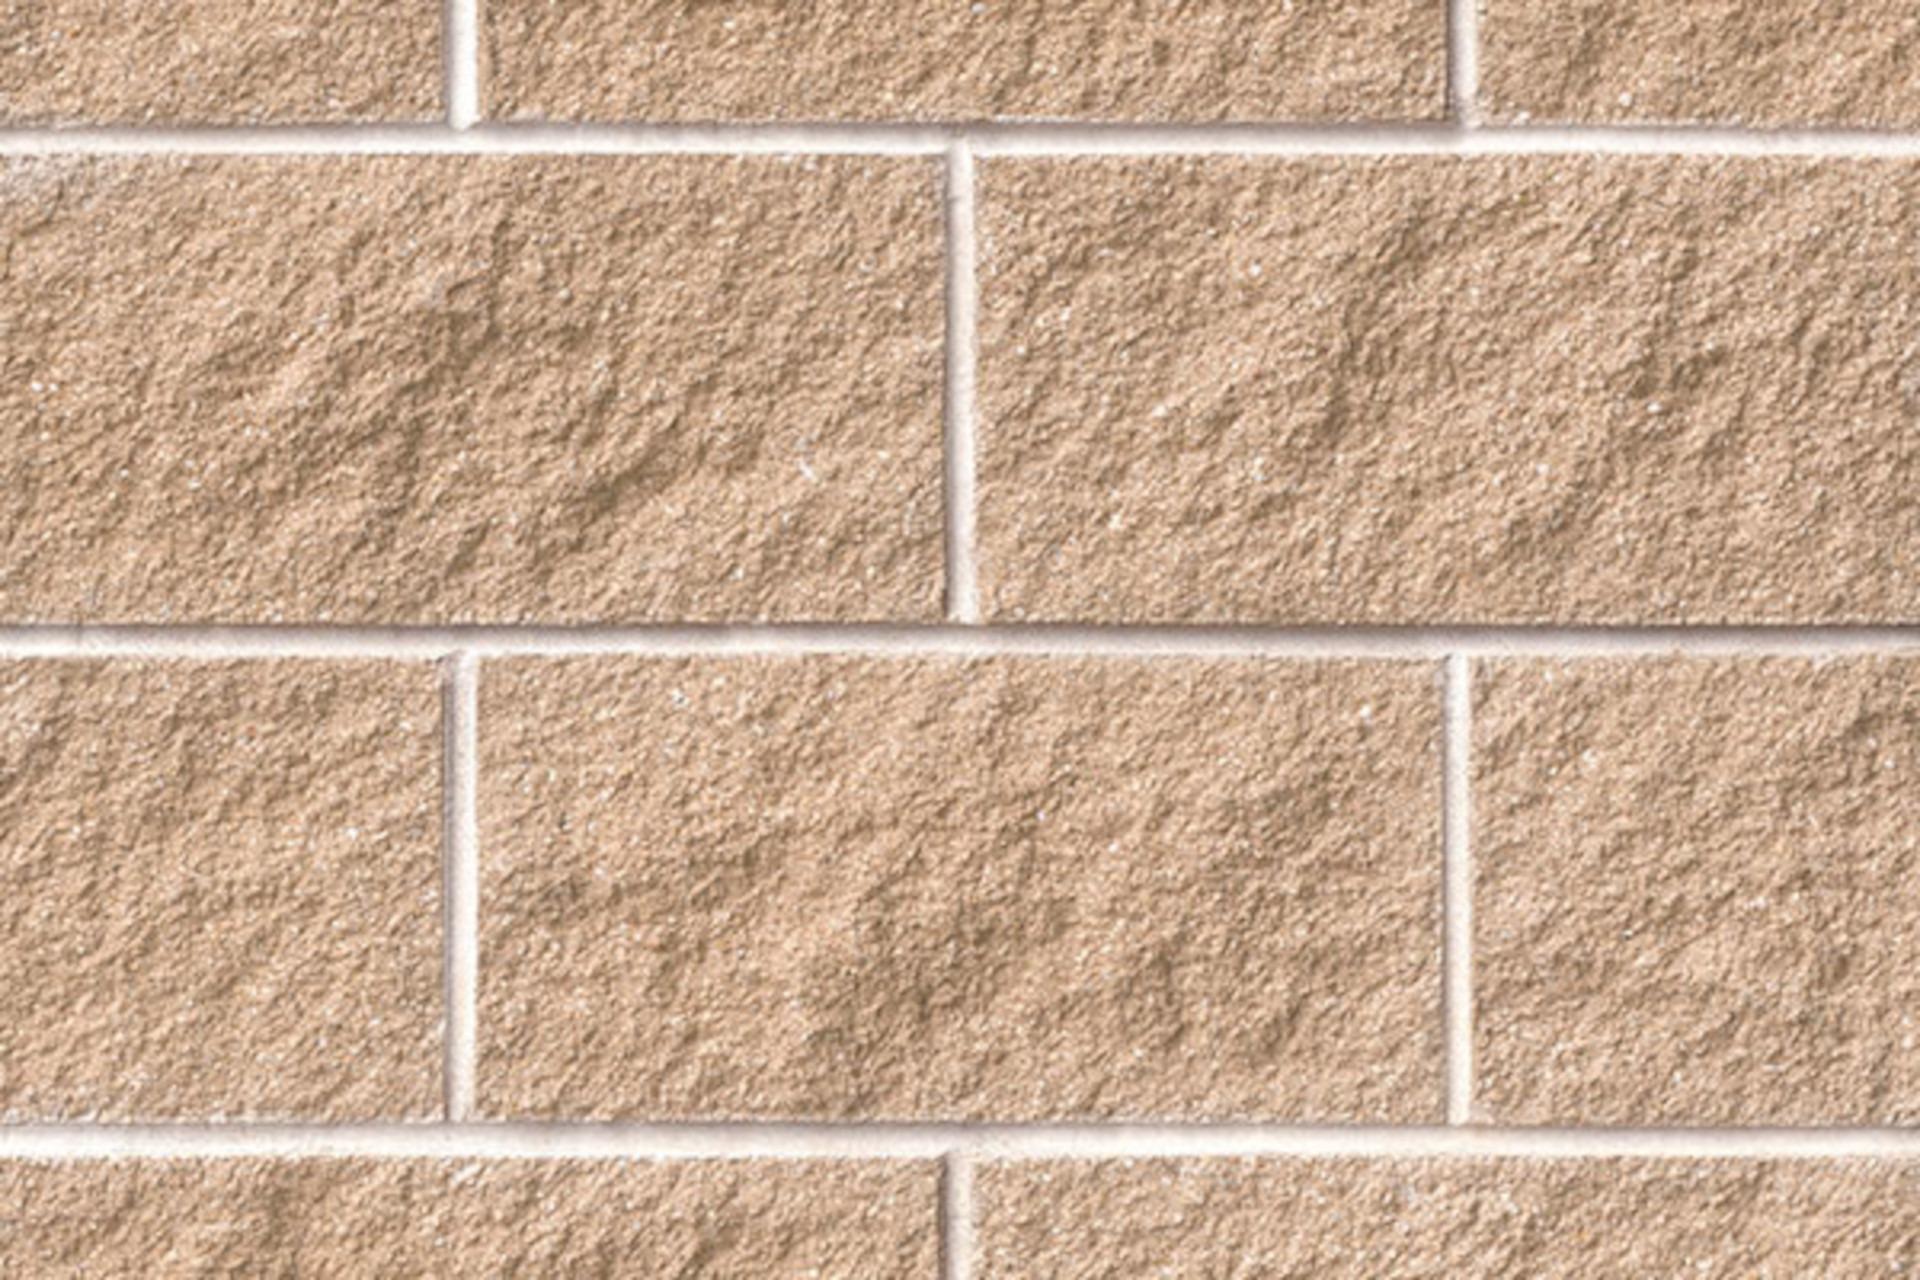 270 Wheat Concrete Block